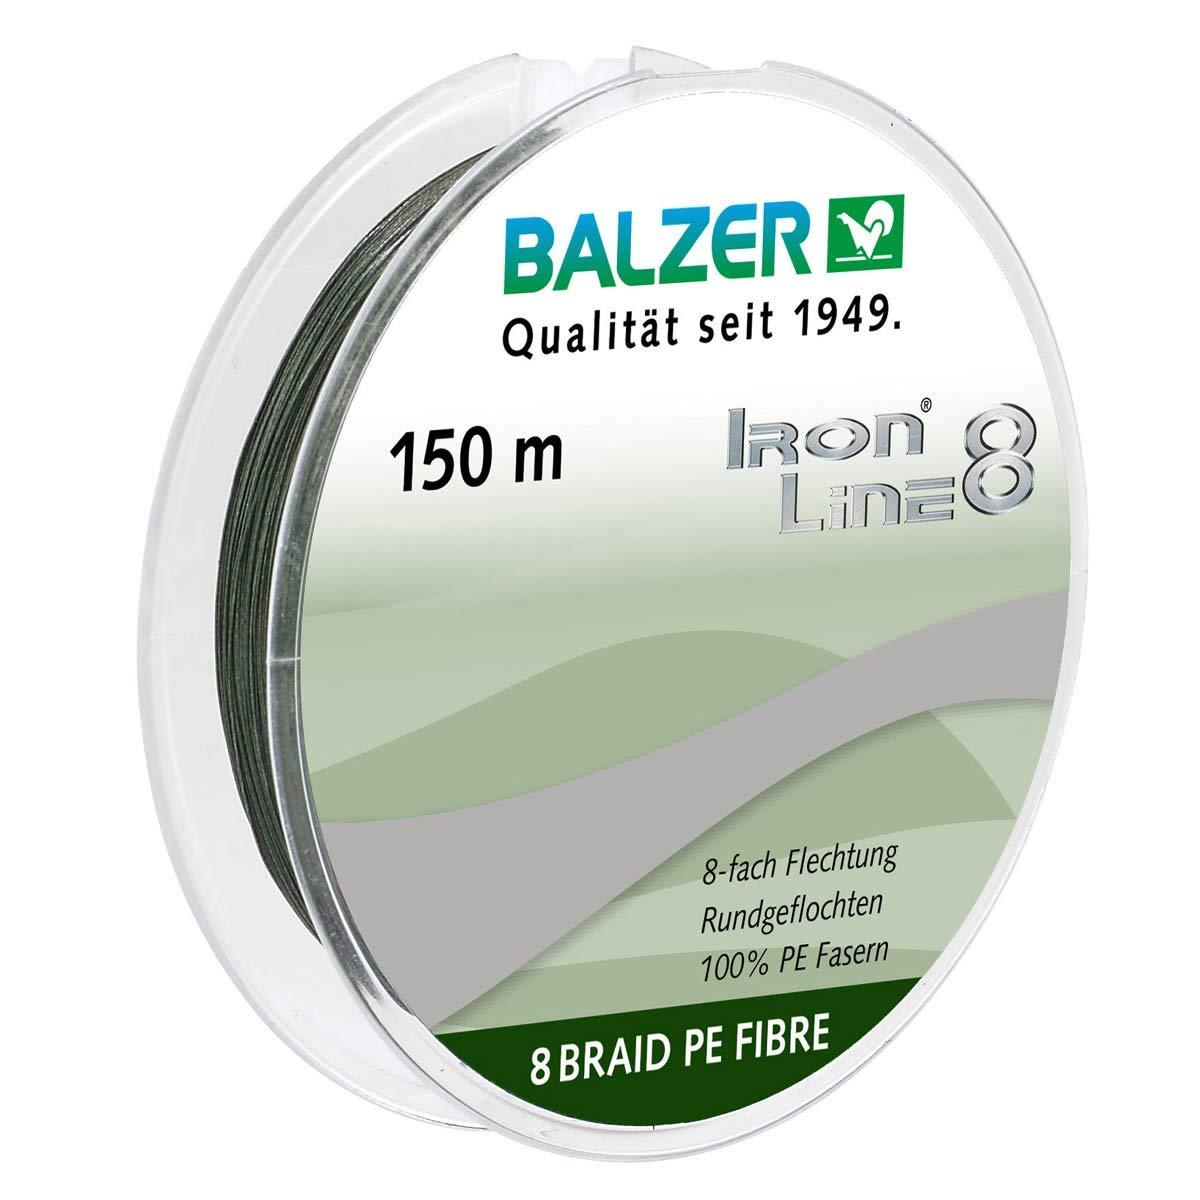 BALZER IronLine8 Angel Schnur 8fach rund geflochten grün 0,24mm 19,5kg à 50m TOP